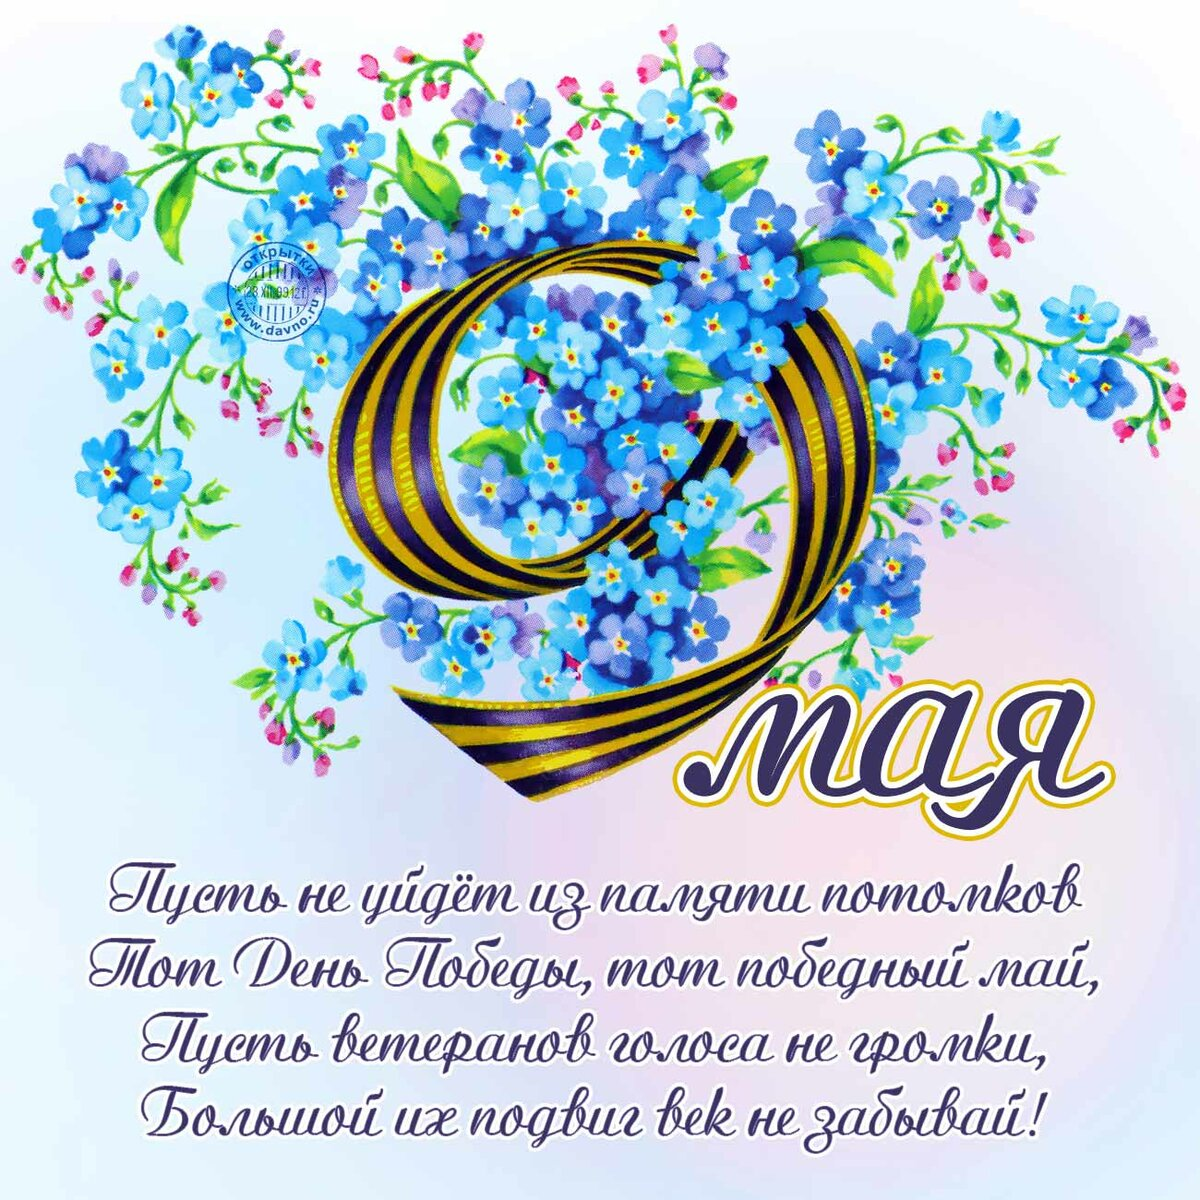 Картинки поздравлением 9 мая